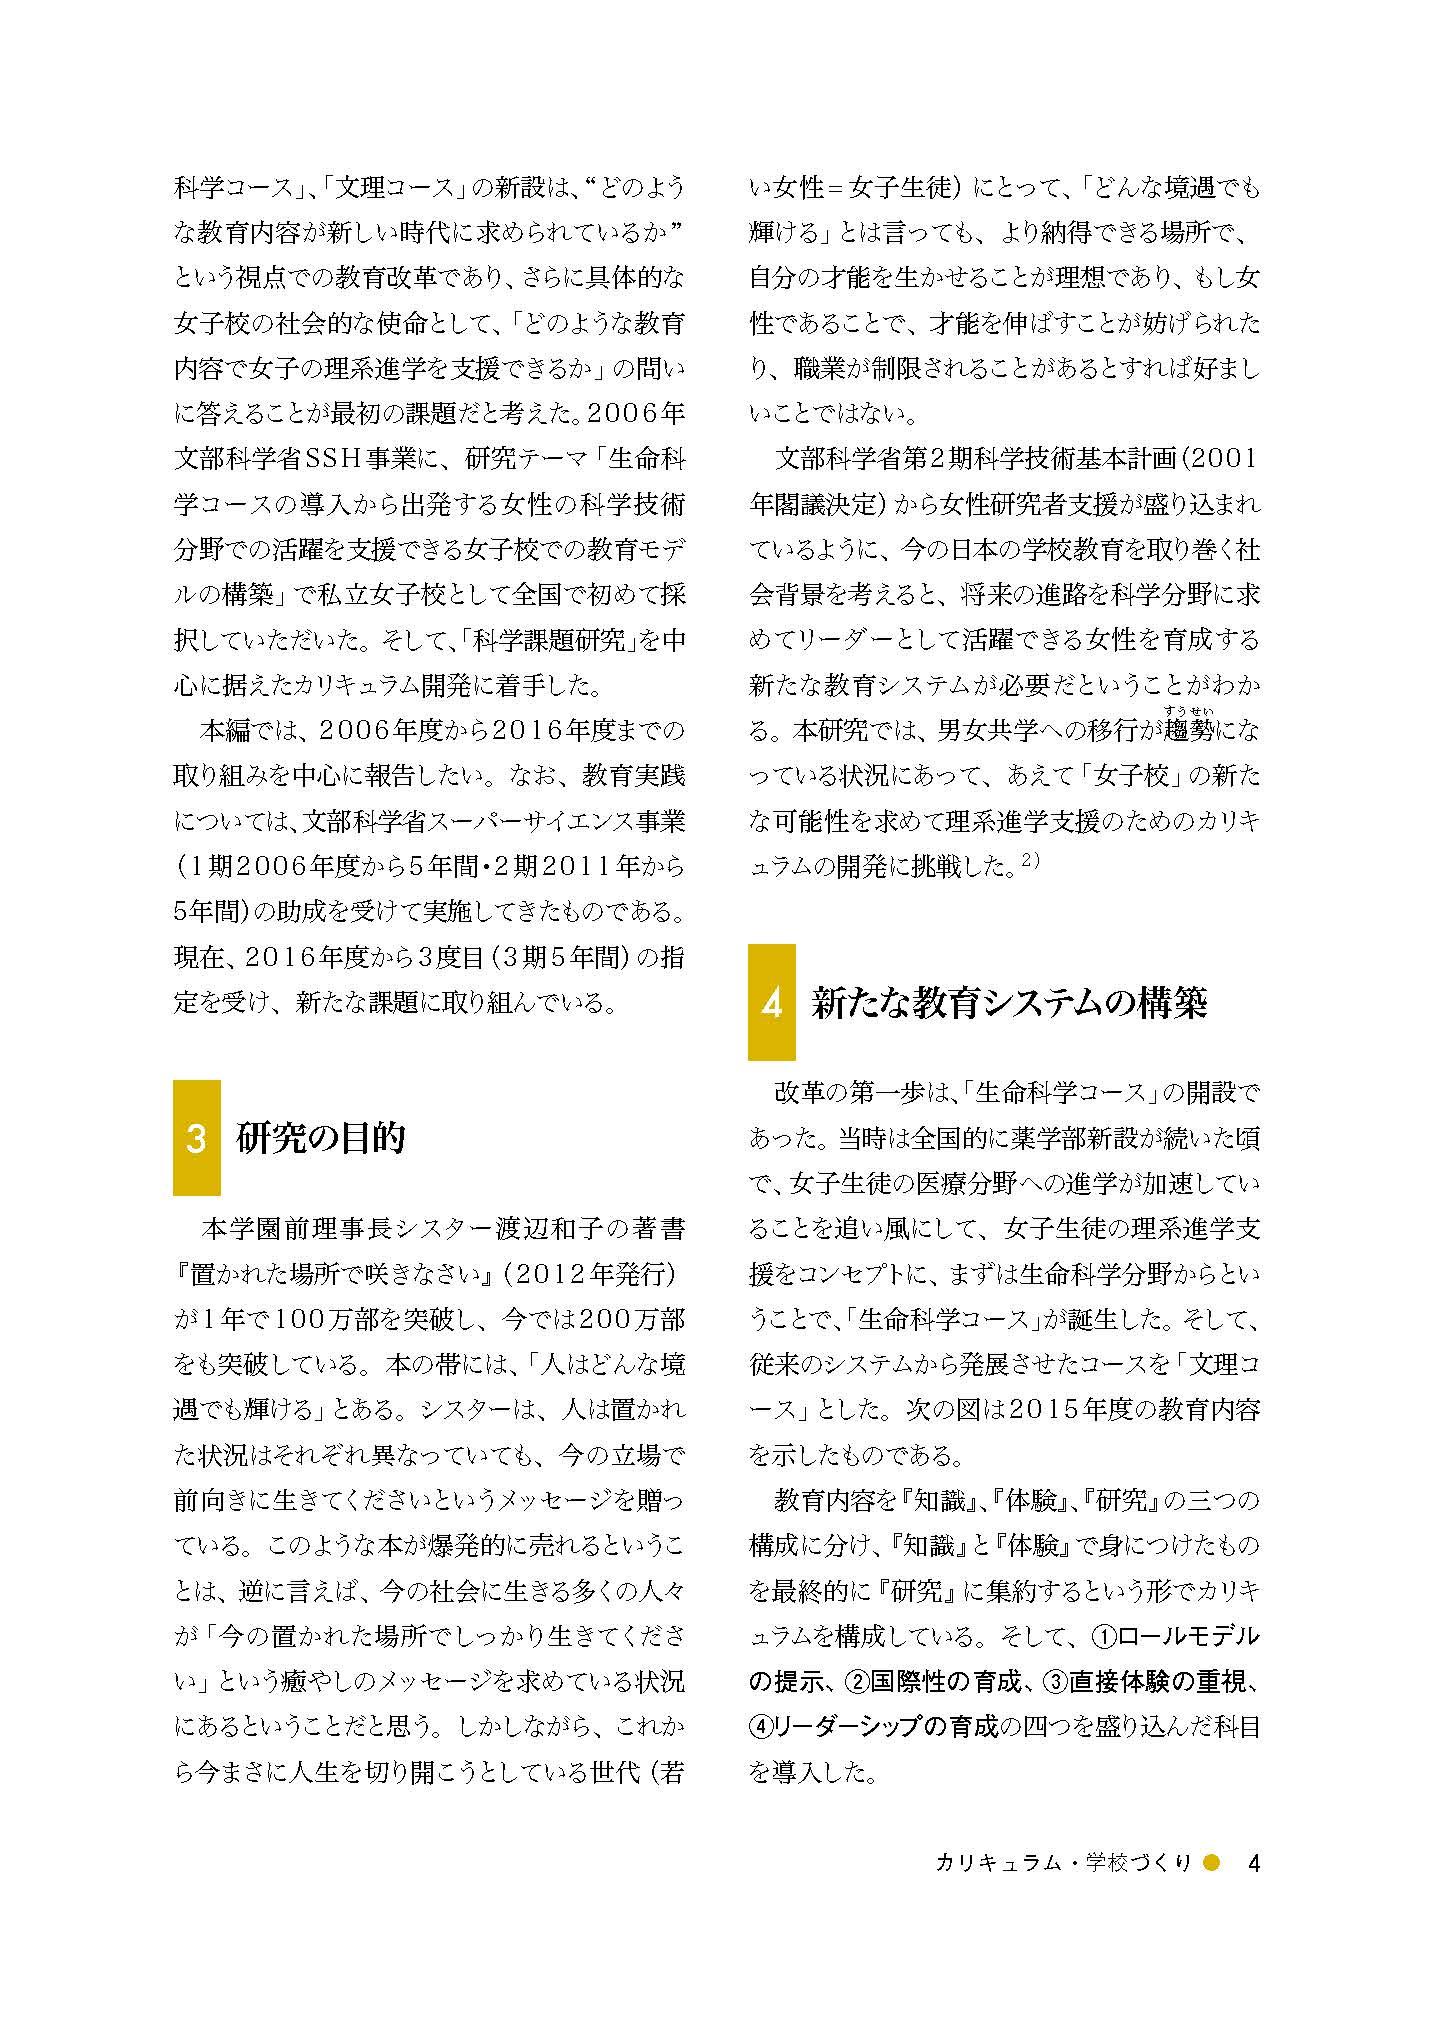 論文「科学課題研究」を中心に据えた女子の理系進学支援教育プログラムの開発(3)目的